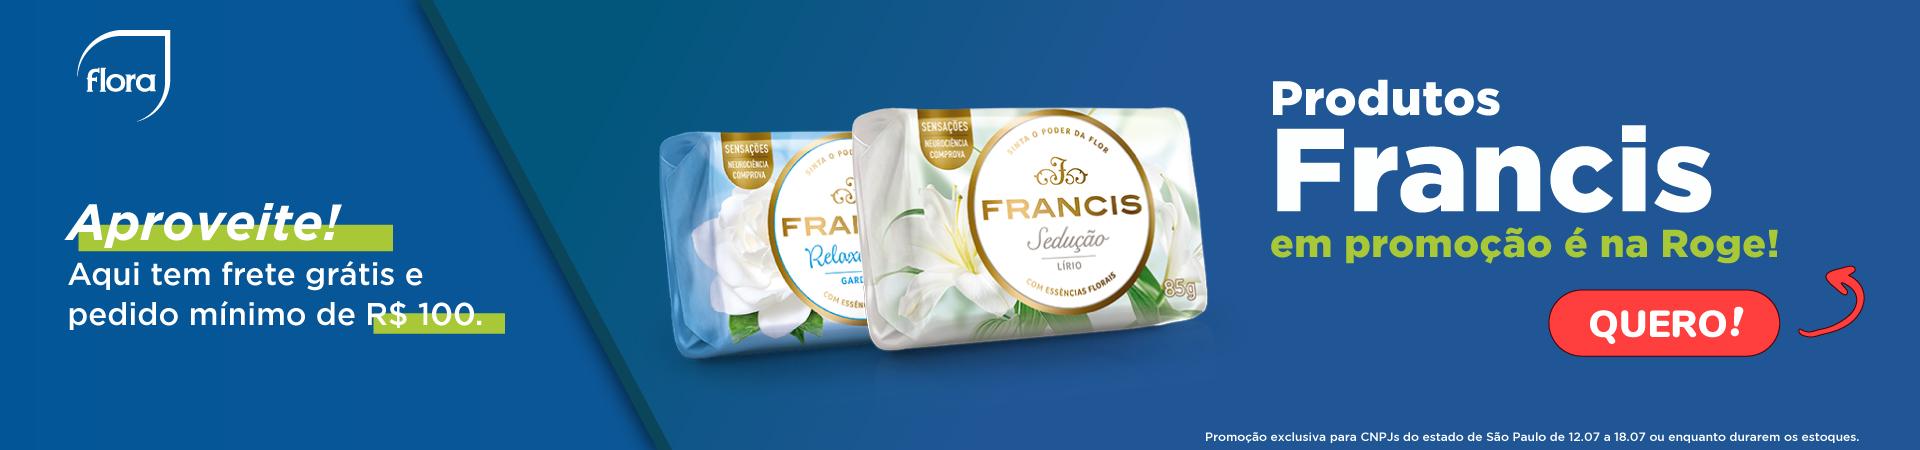 Francis (divulgação)